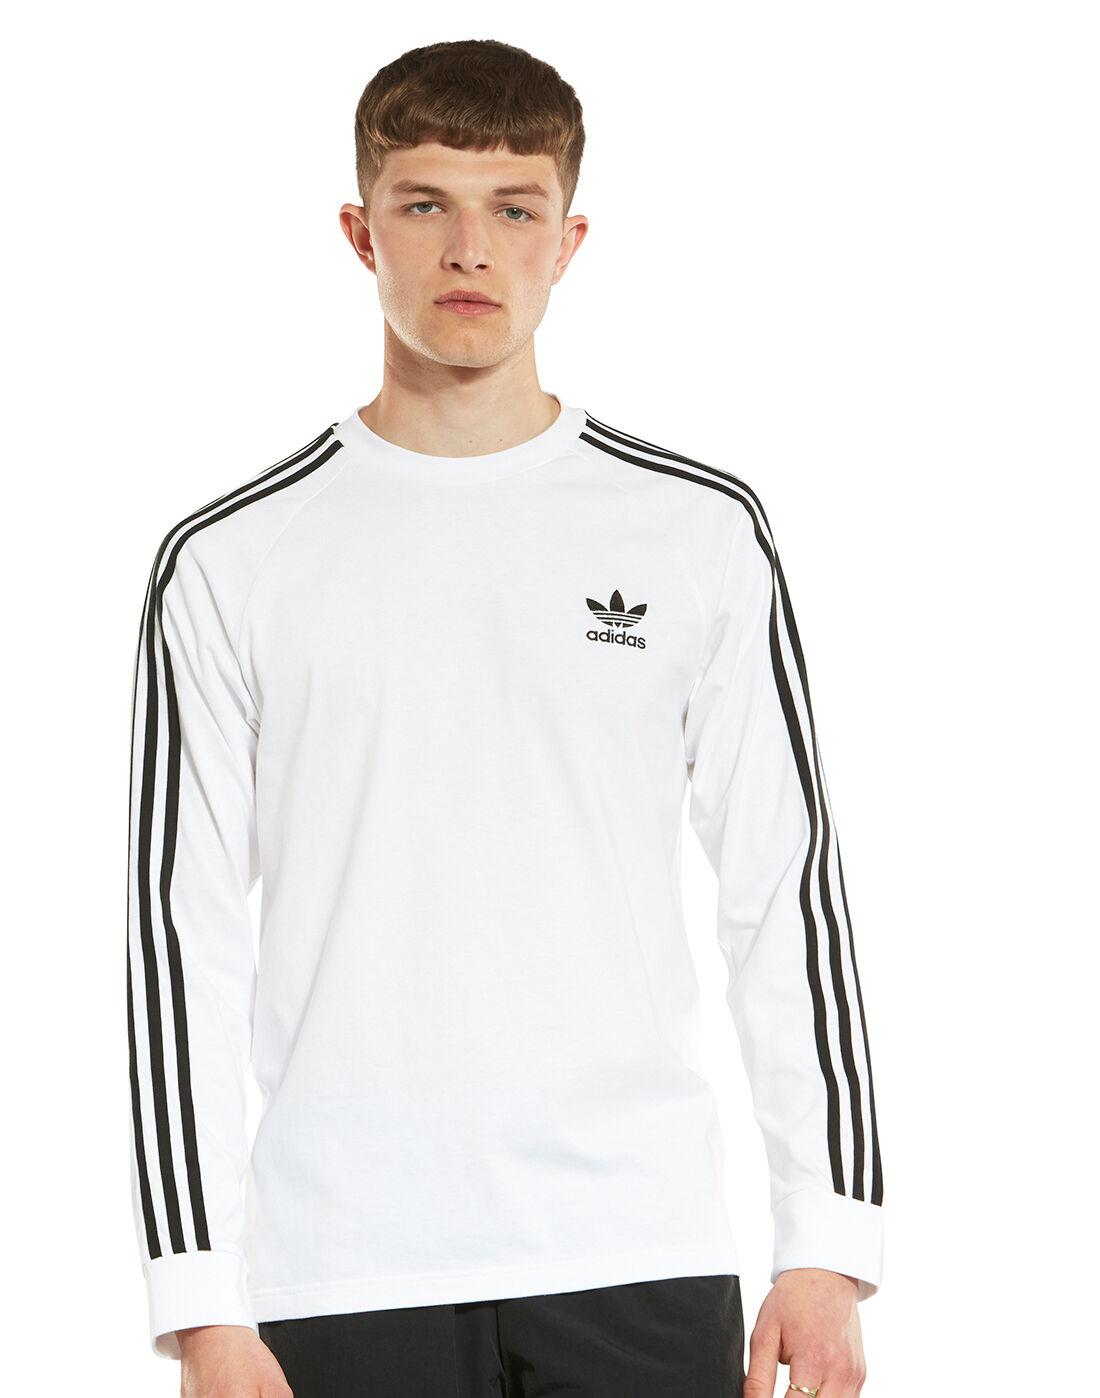 adidas Originals 3 Stripes T Shirt für Damen Weiß